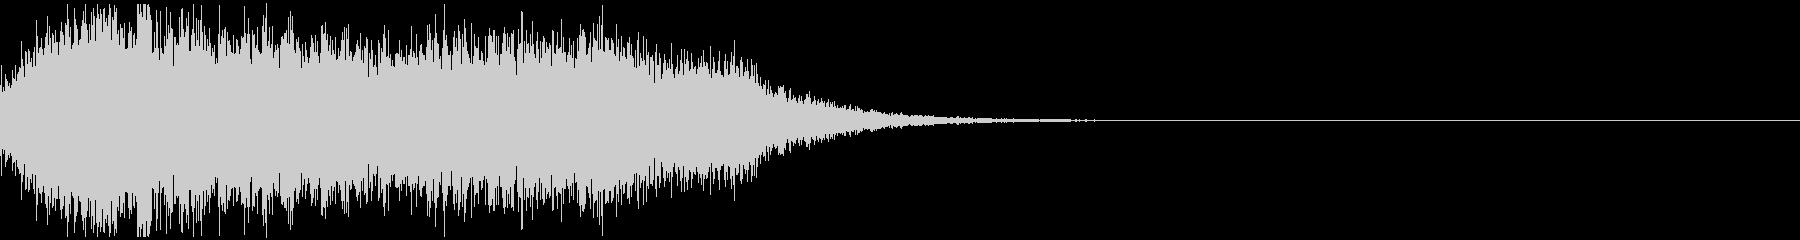 恐竜の叫び声 短め1_リバーブの未再生の波形